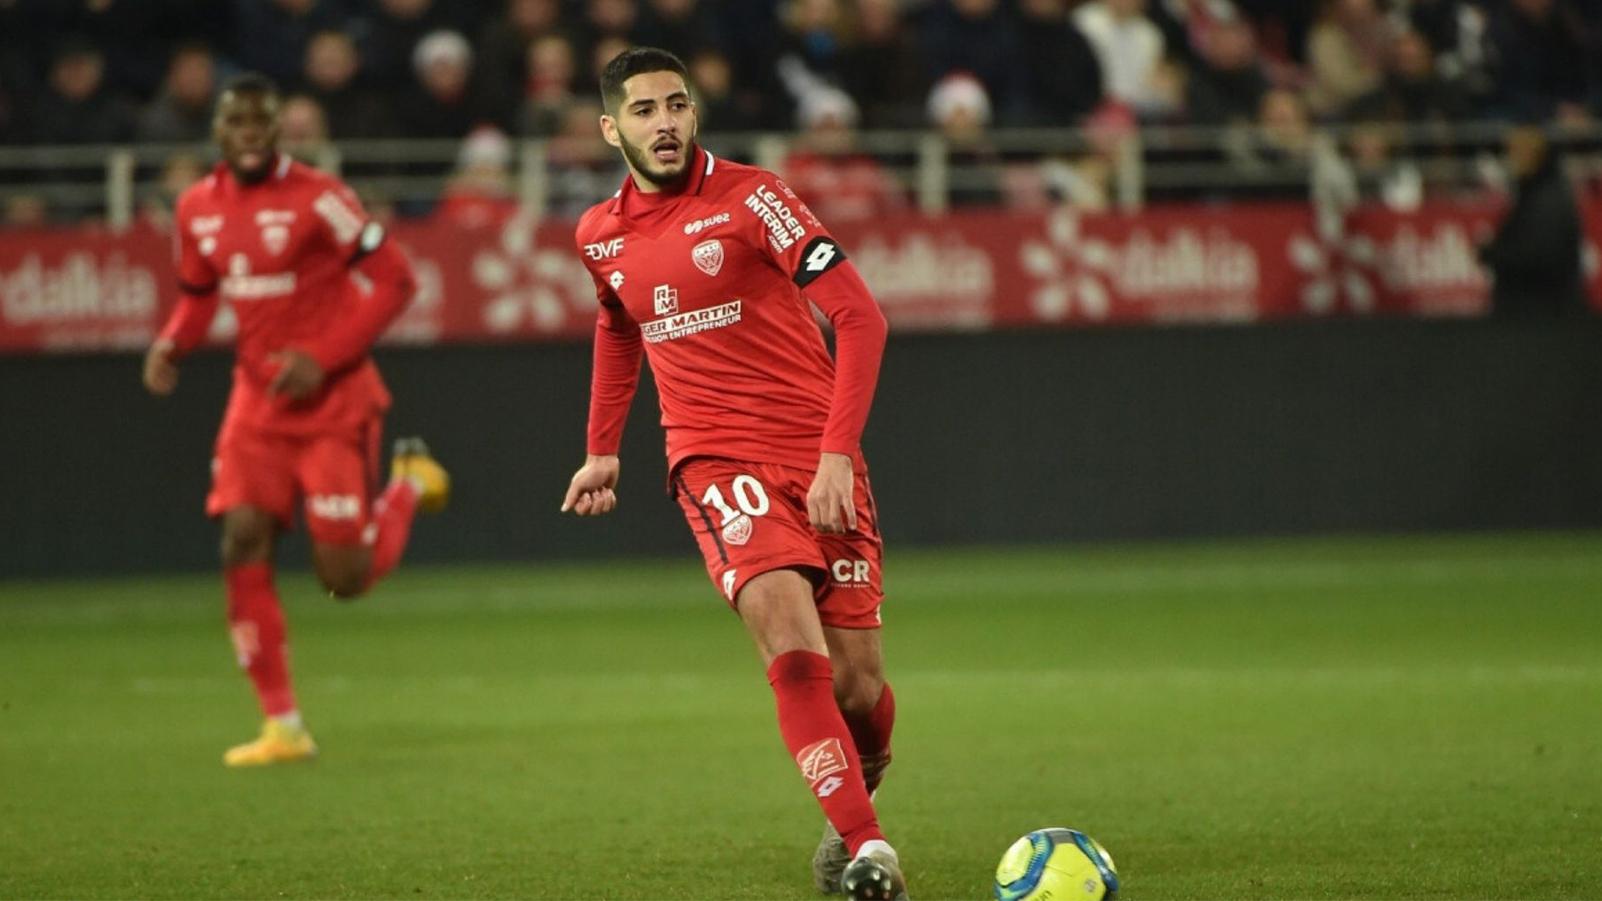 هذا ما حصل للاعب الجزائري ياسين بن زية بعد غياب دام أكثر من عام بسبب الإصابة